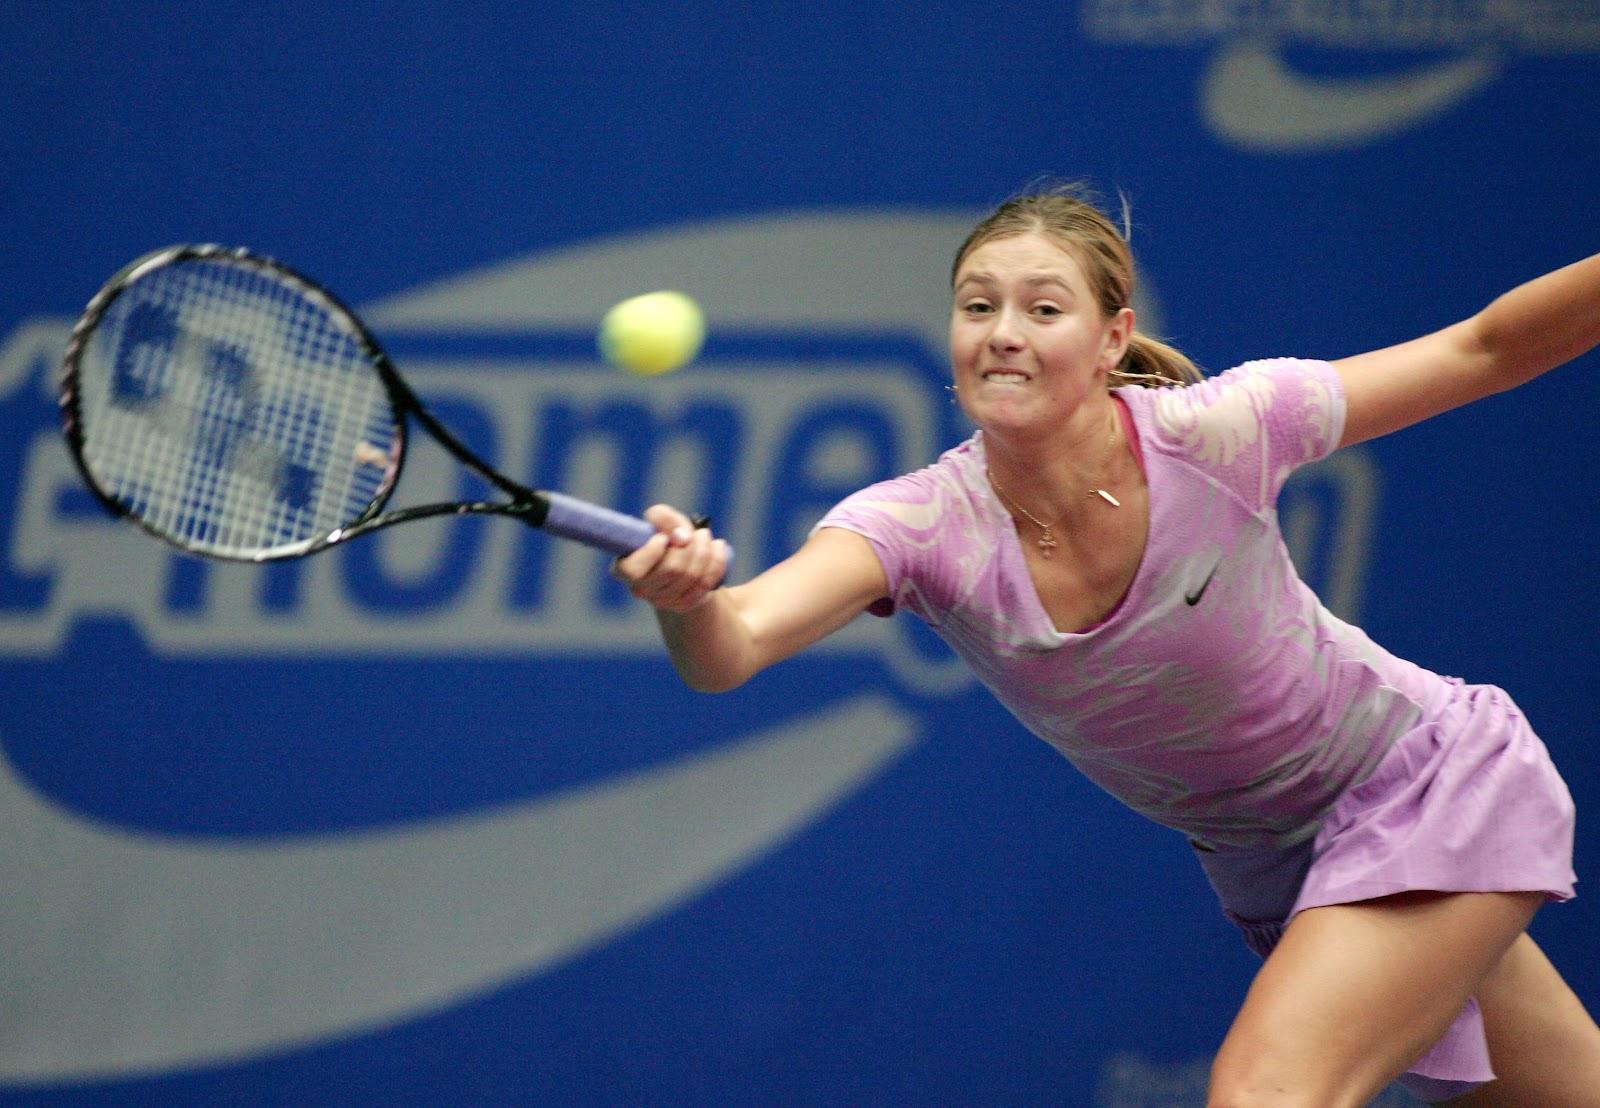 http://3.bp.blogspot.com/-F8Y72VX2y_o/T4PJqUFLtZI/AAAAAAAATR4/8H0IvhJhHq0/s1600/Maria_Sharapova_Generali_Ladies_WTA_Tournament_Final8.jpg